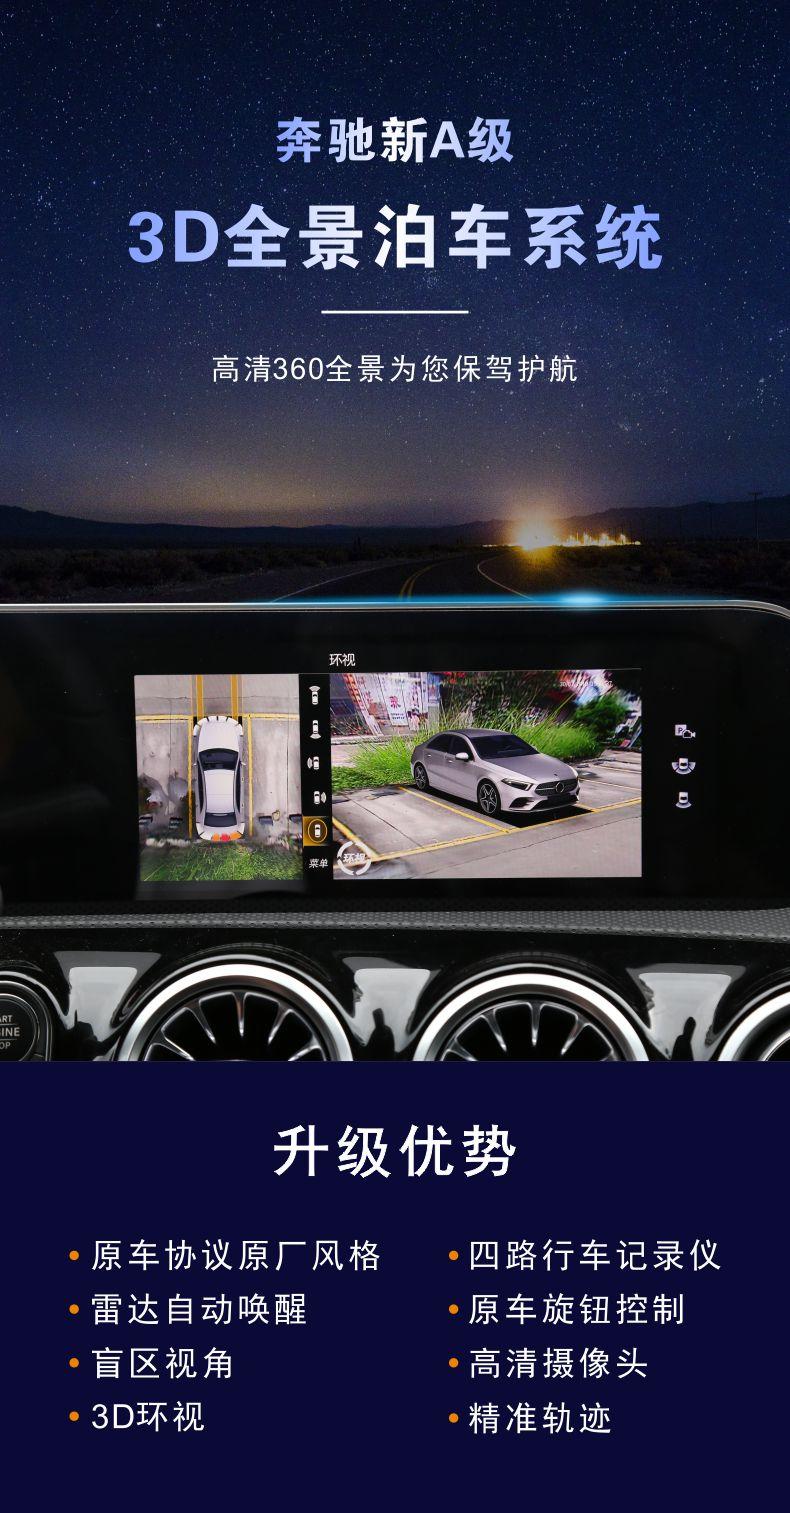 奔驰A级360全景3D倒车辅助系统